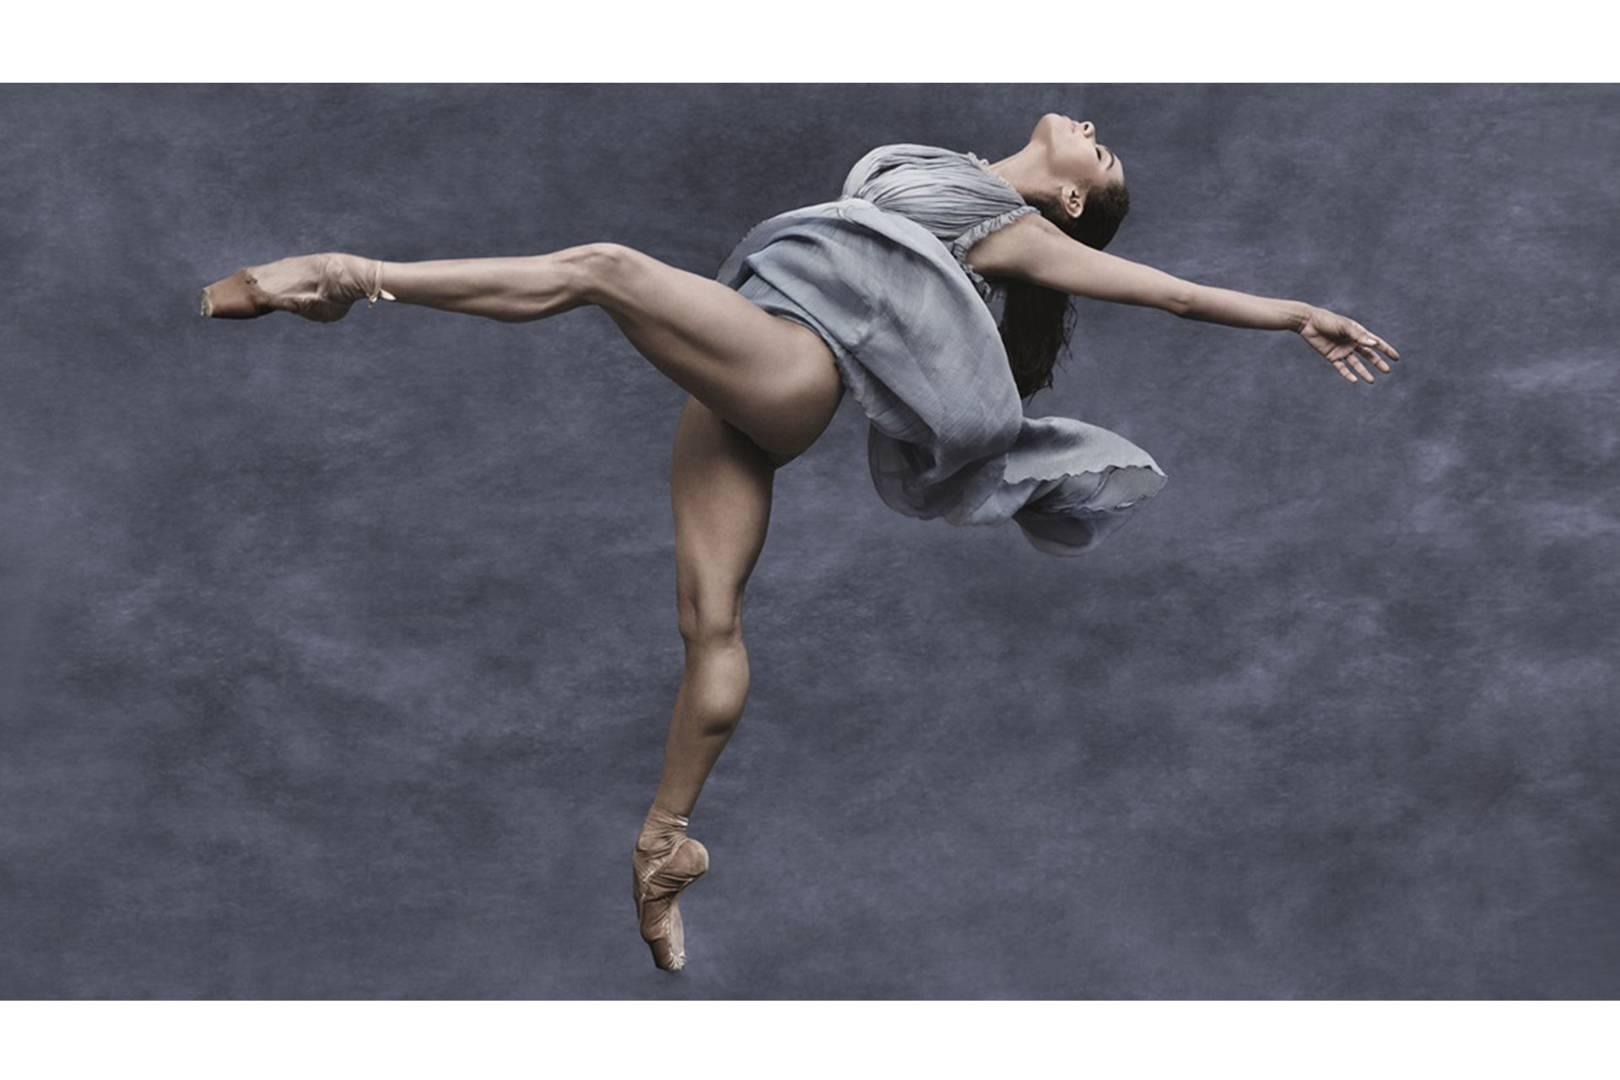 e0d5d8857805 Interview with ballet star Misty Copeland